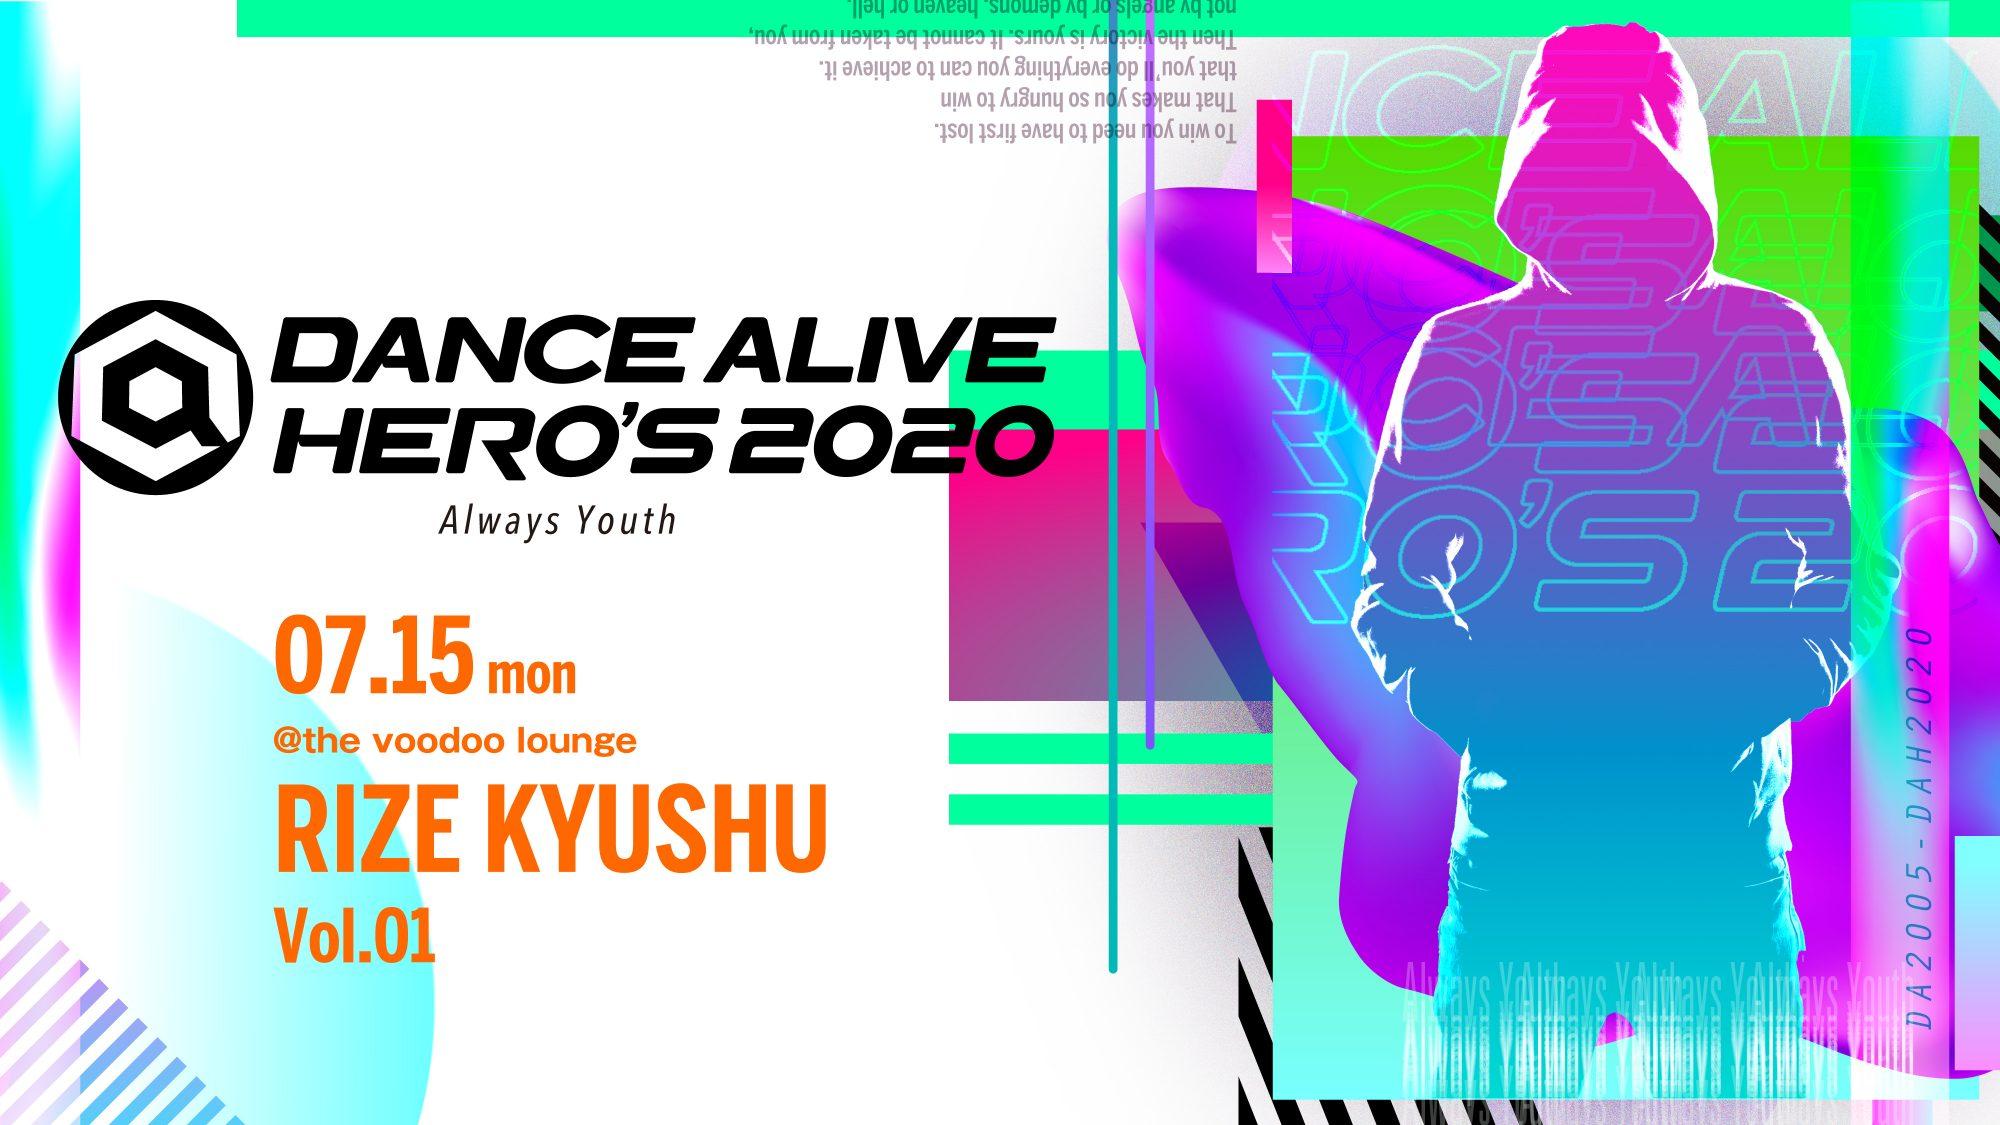 RIZE KYUSHU vol.1のエントリーが開始されました